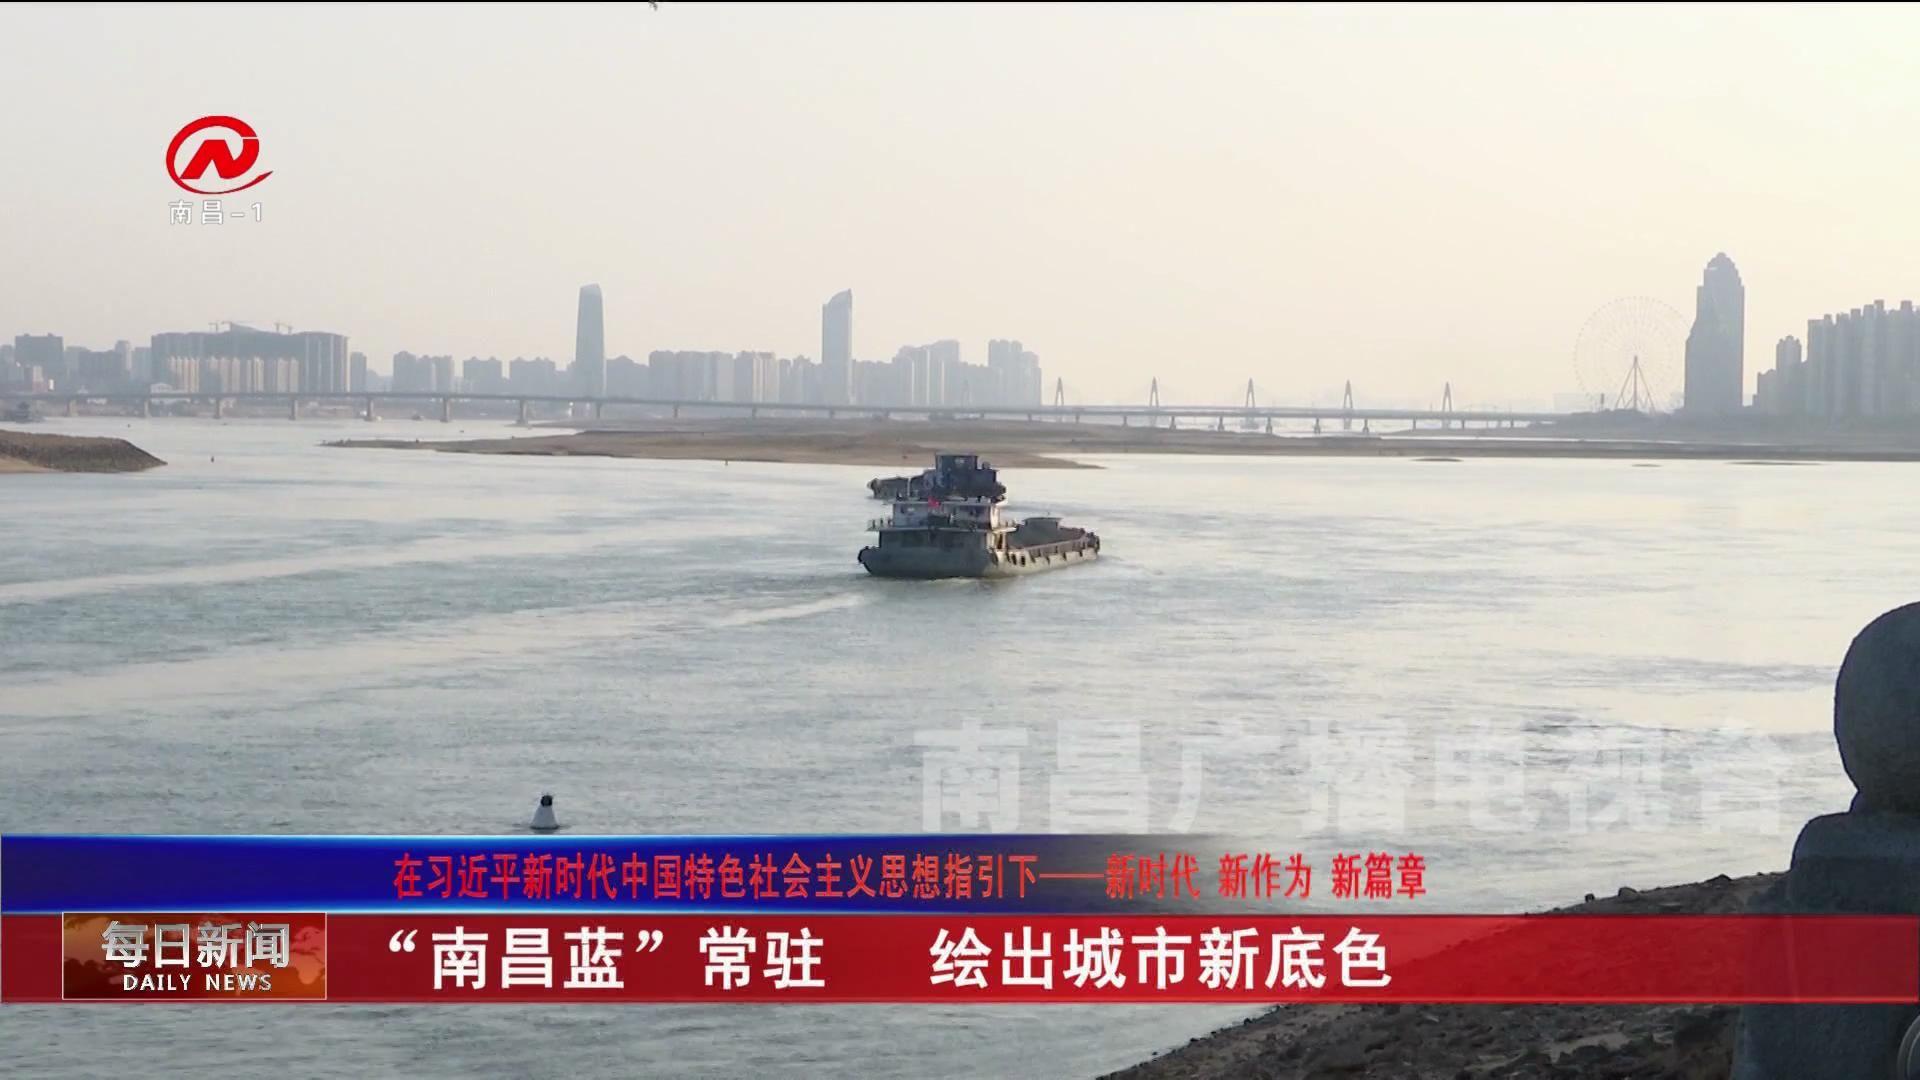 """""""南昌蓝""""常驻   绘出城市新底色"""